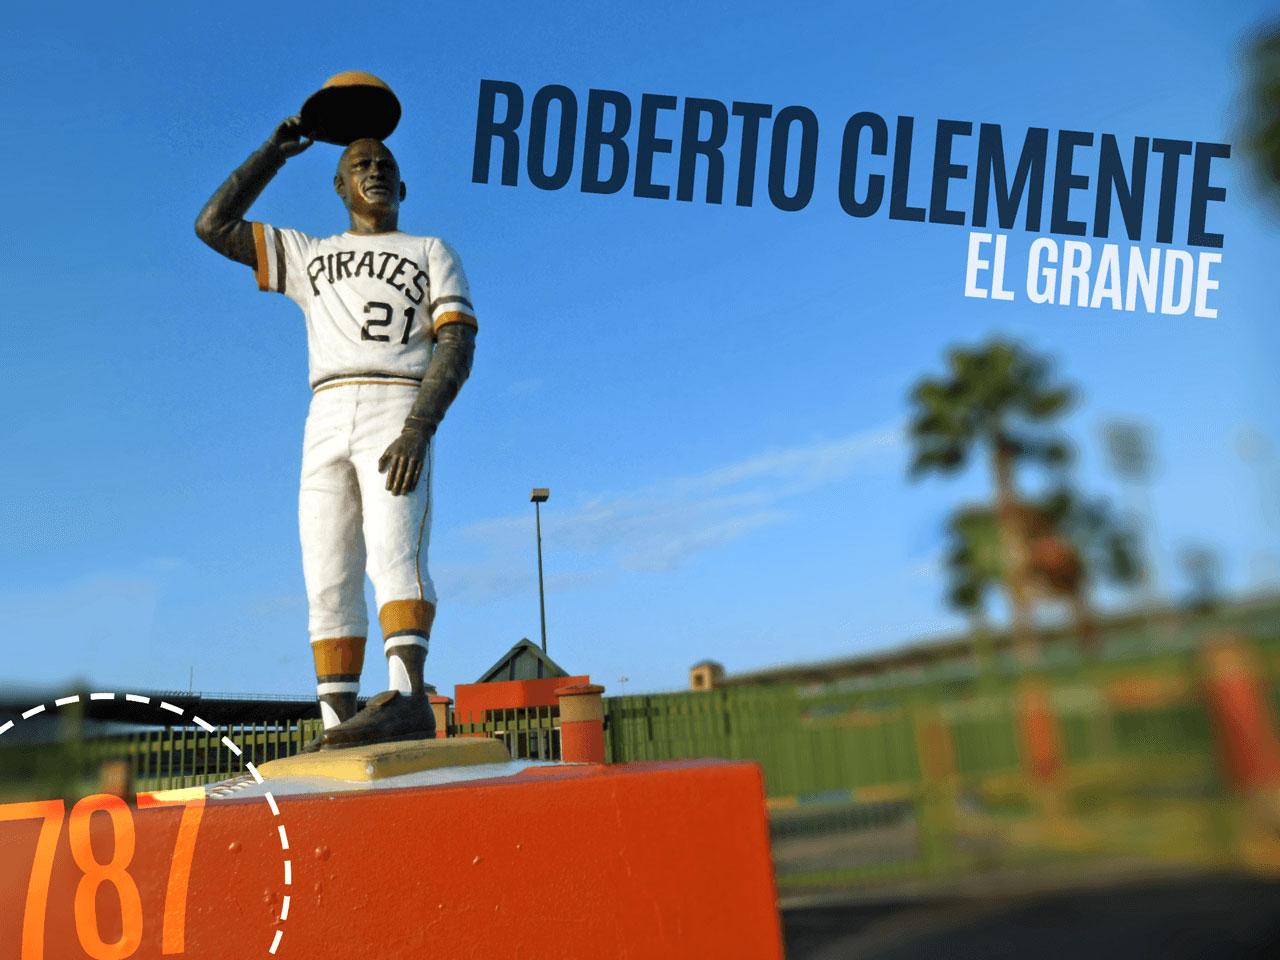 Estatua frente al Estadio Roberto Clemente Walker en Carolina, Puerto Rico.